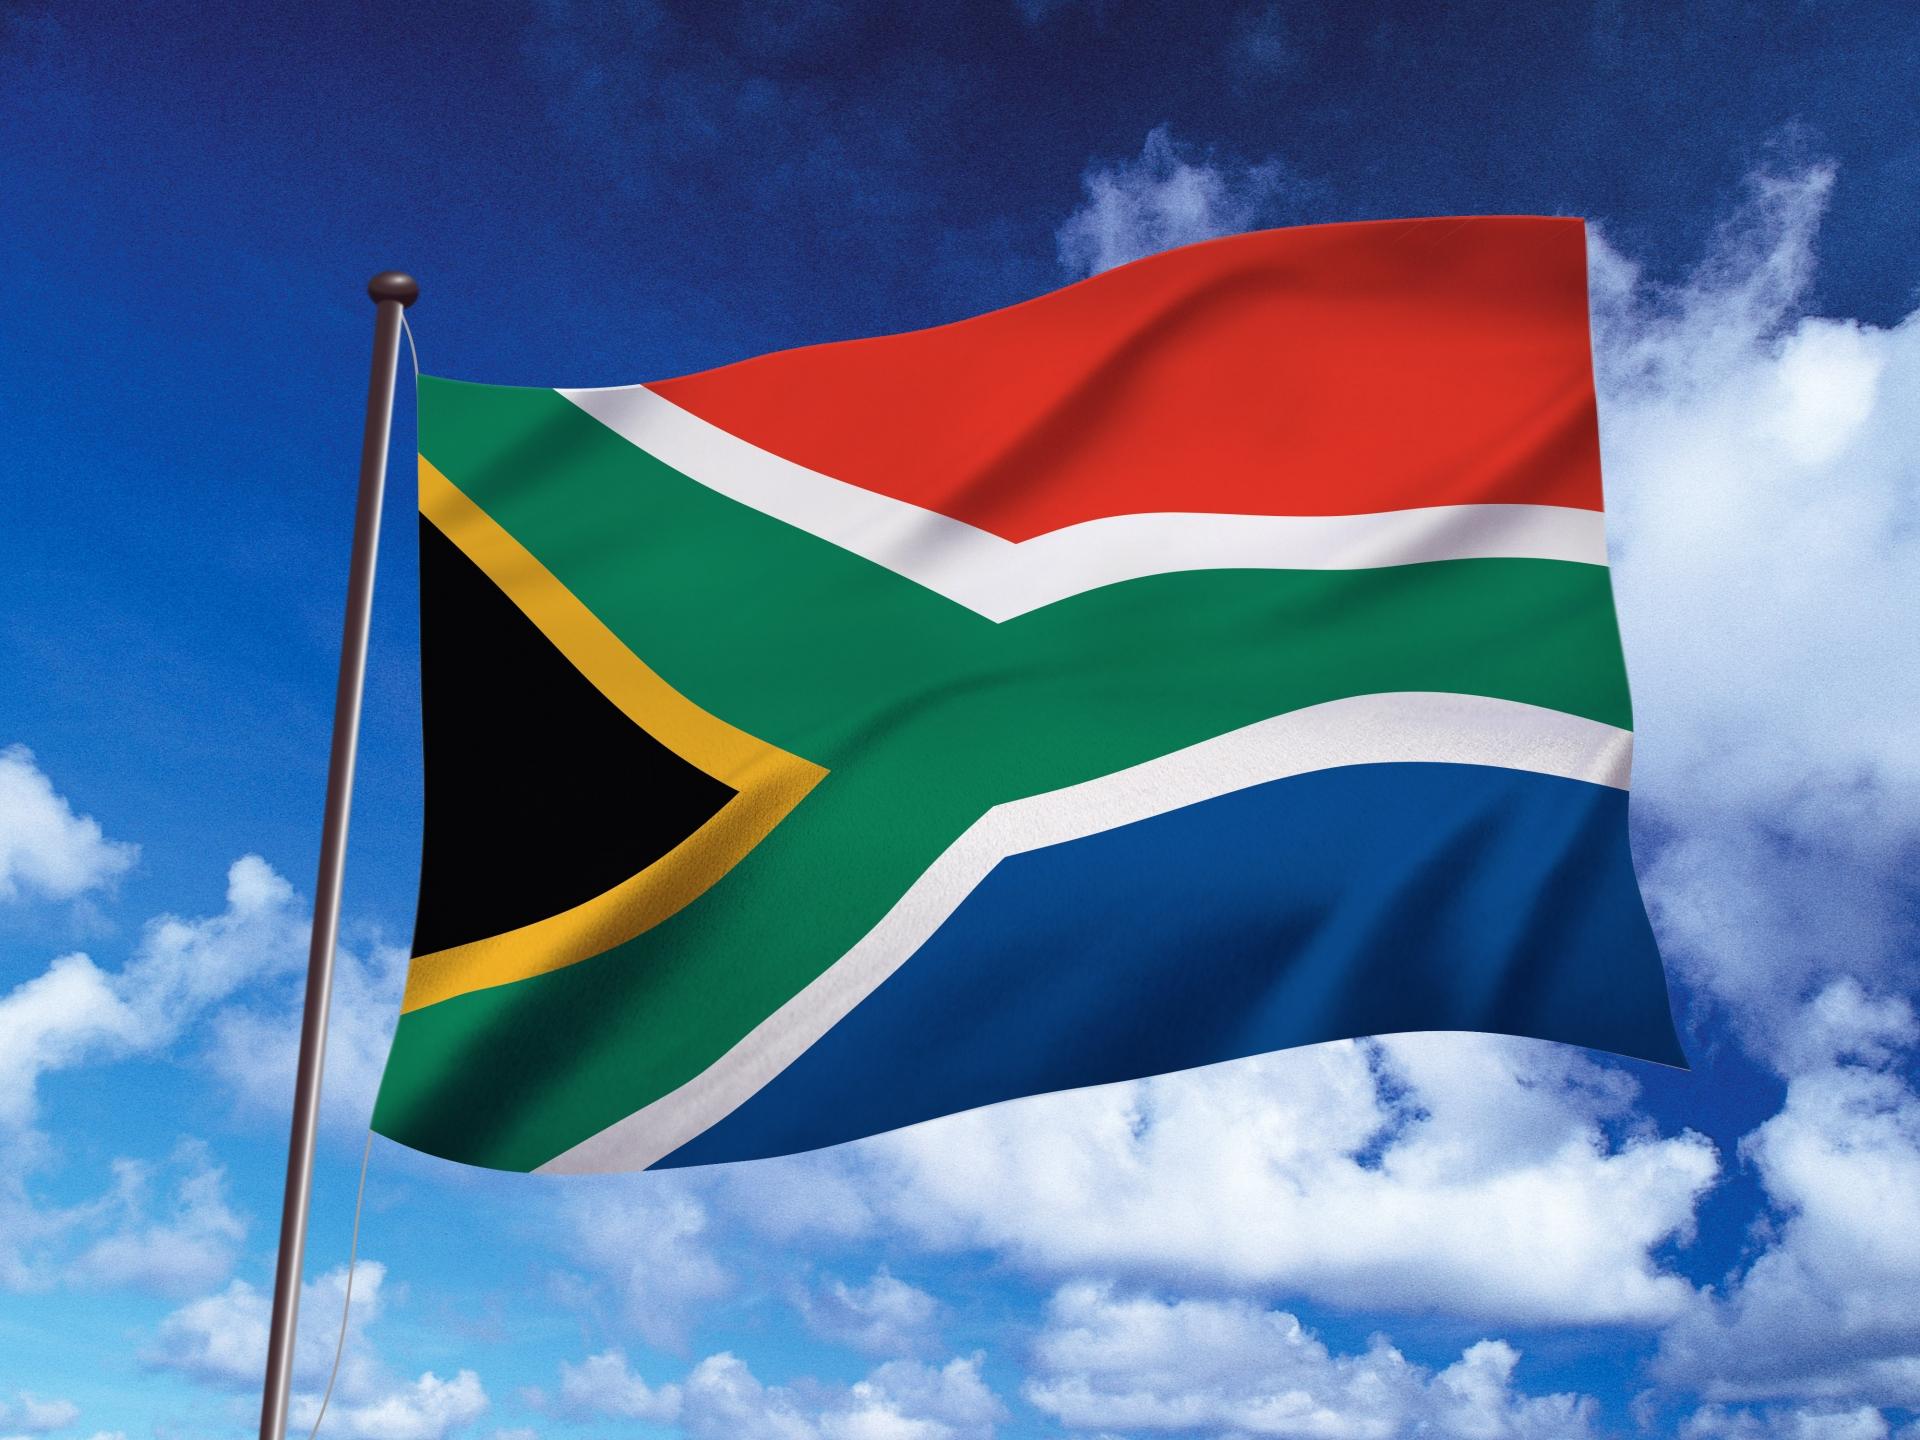 南アフリカ共和国の国旗が風にたなびいている画像